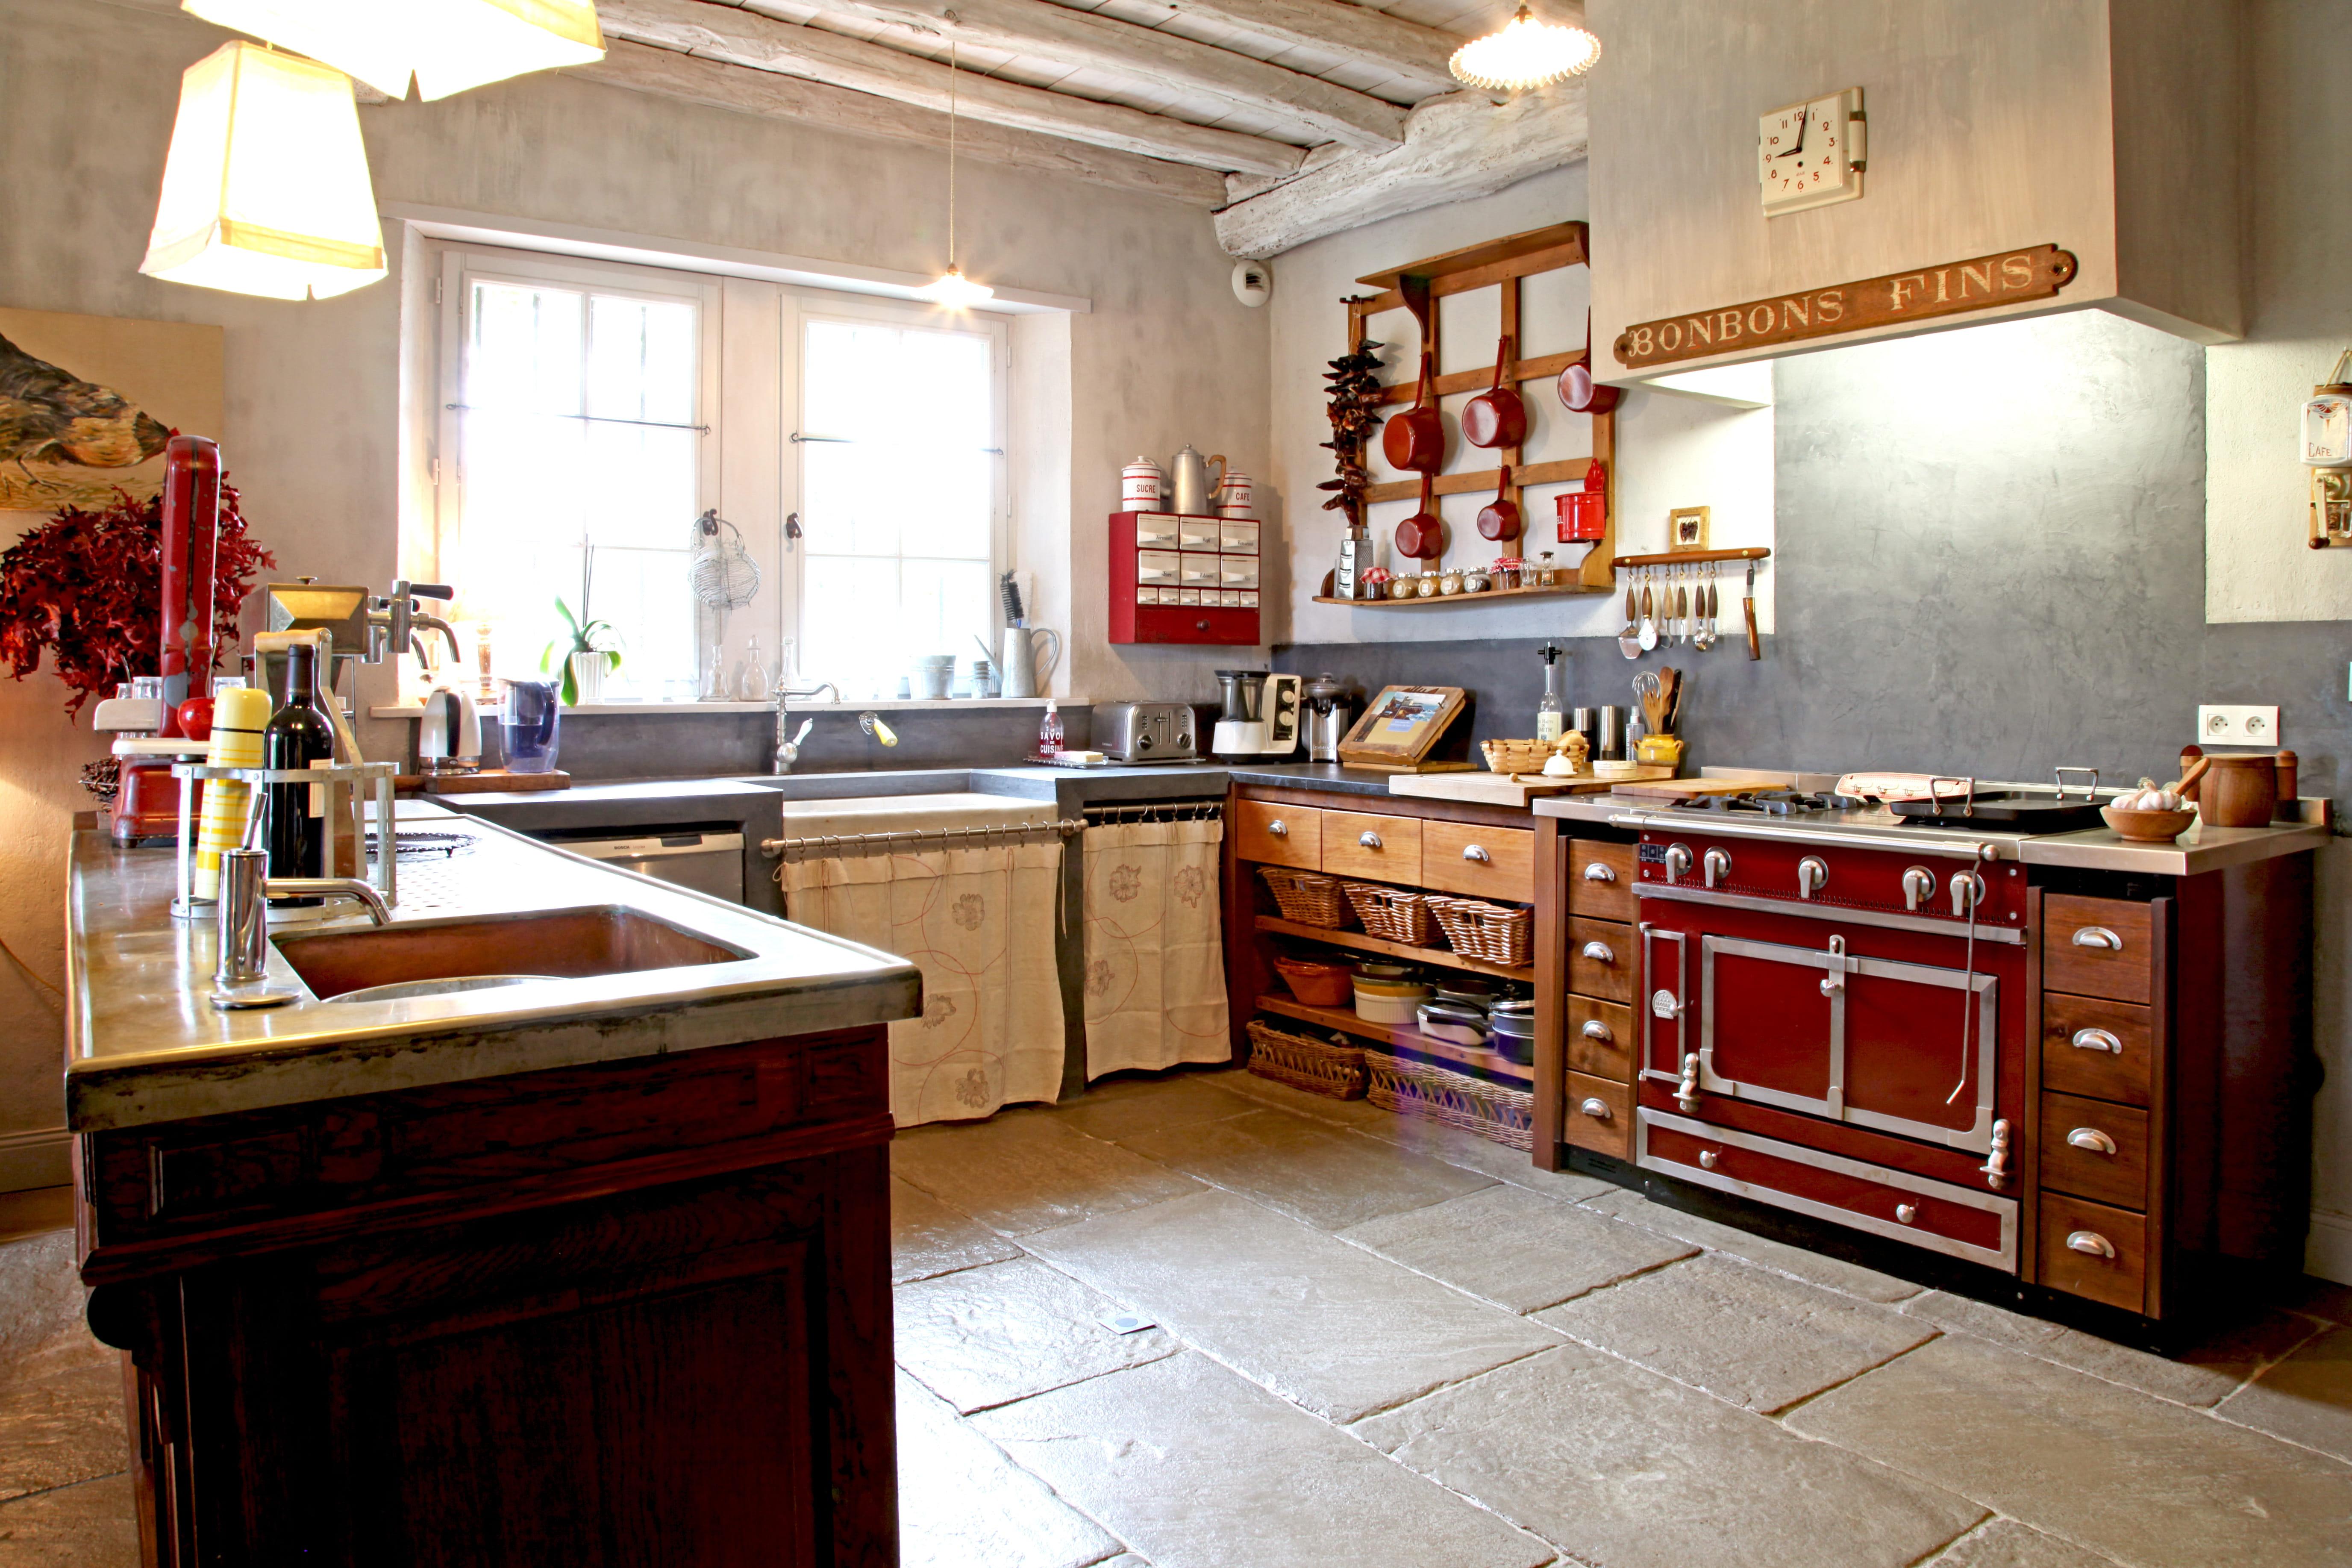 Decoration Cuisine Laboratoire : Sous le charme des cuisines campagne chic  Journal des Femmes